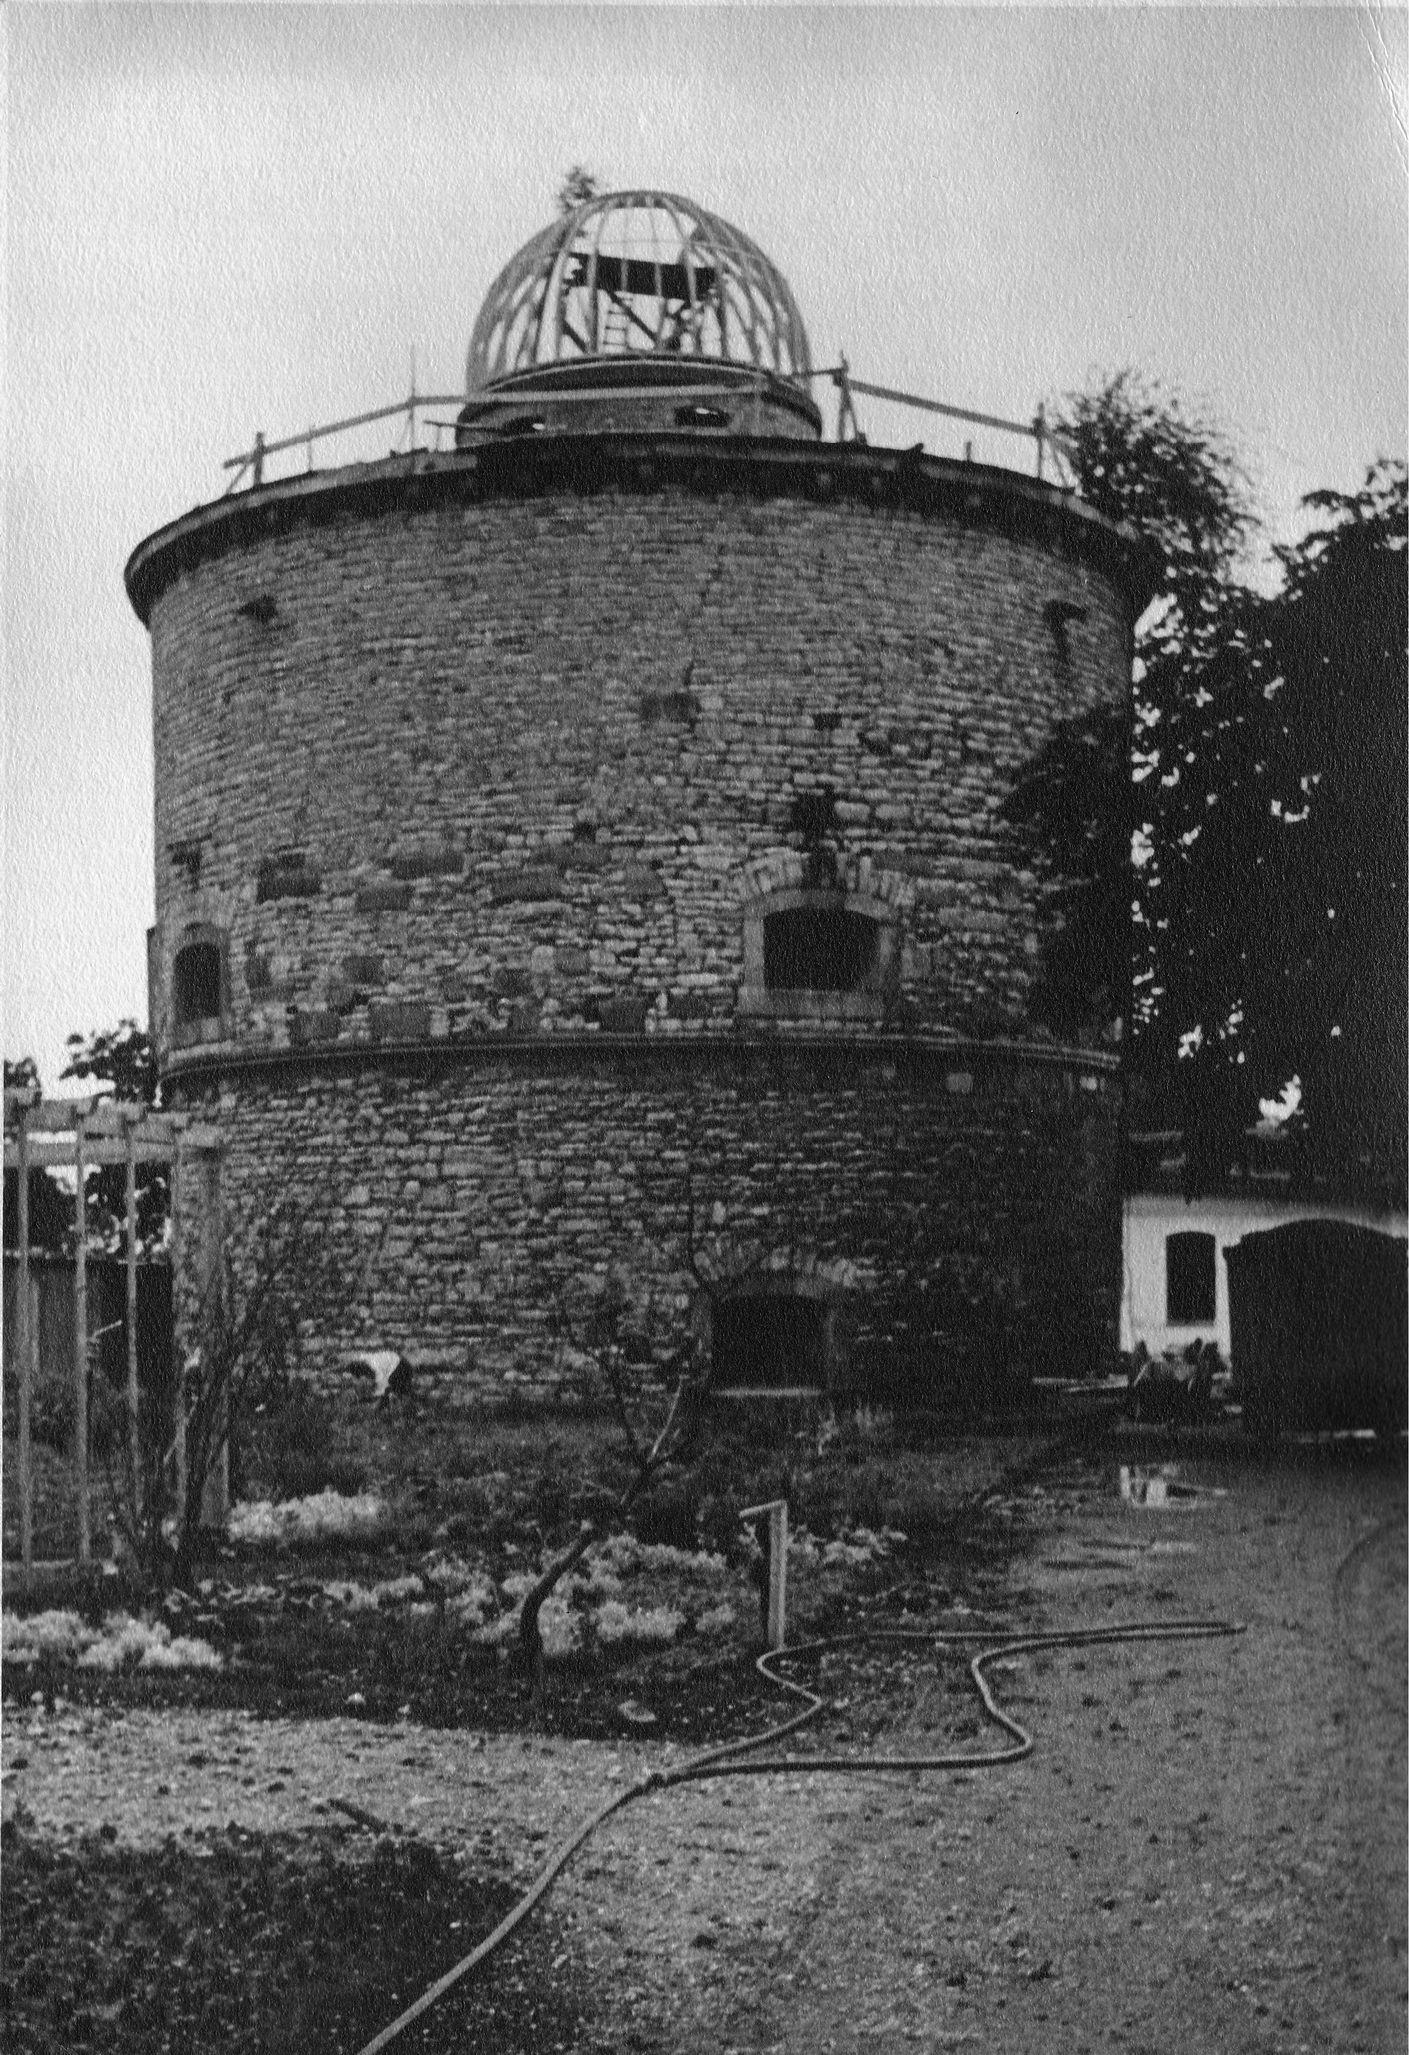 Die Kuppel der Sternwarte am Baubeginn 1950